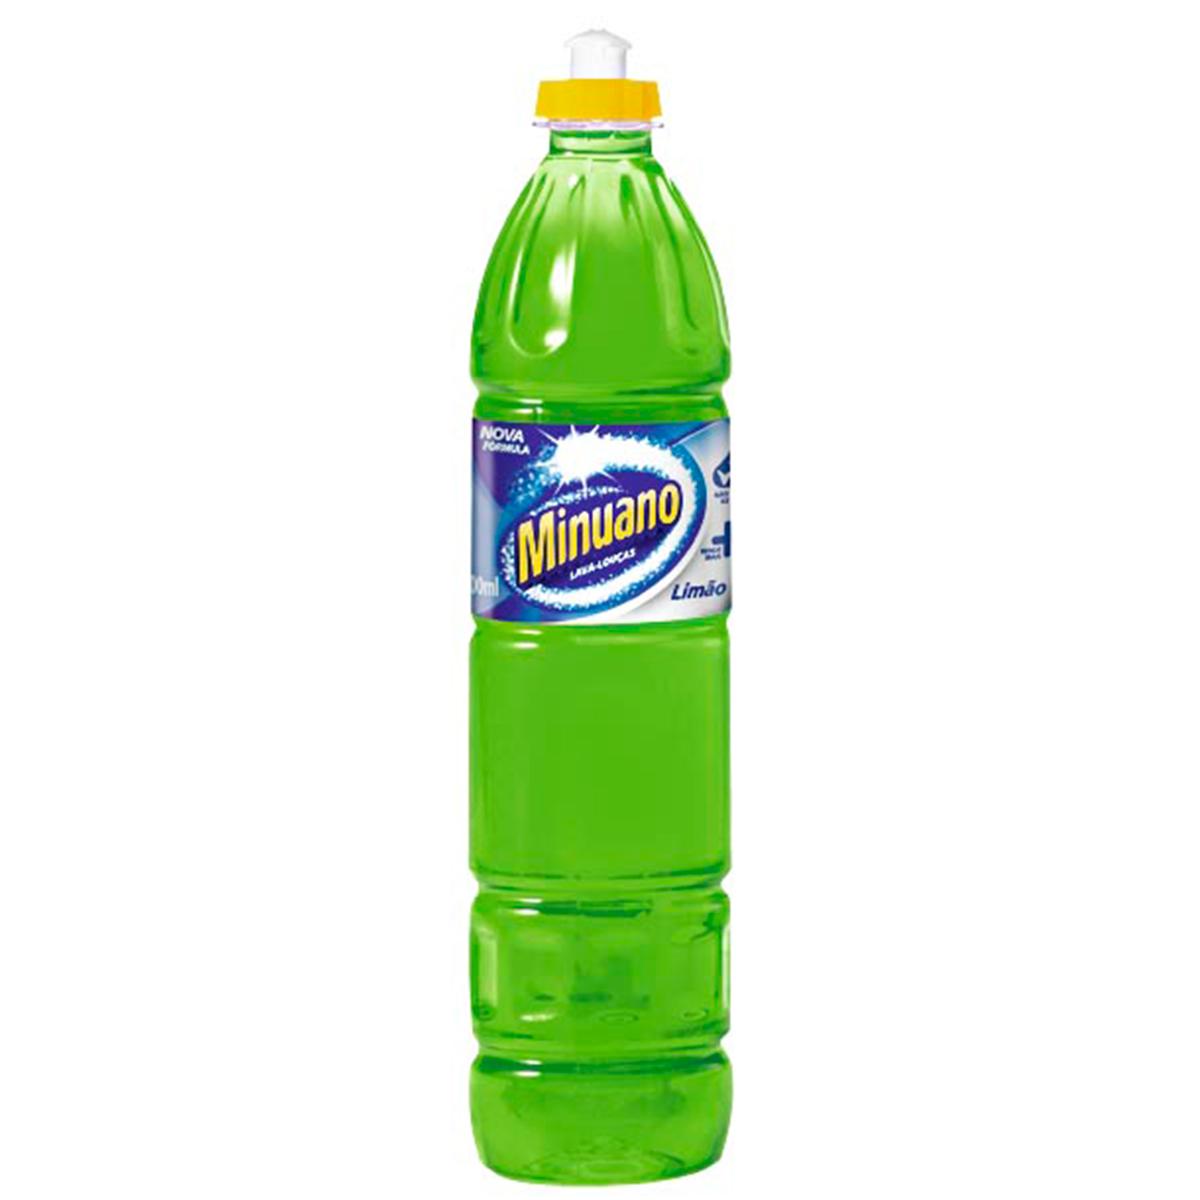 Resultado de imagem para minuano limão detergente